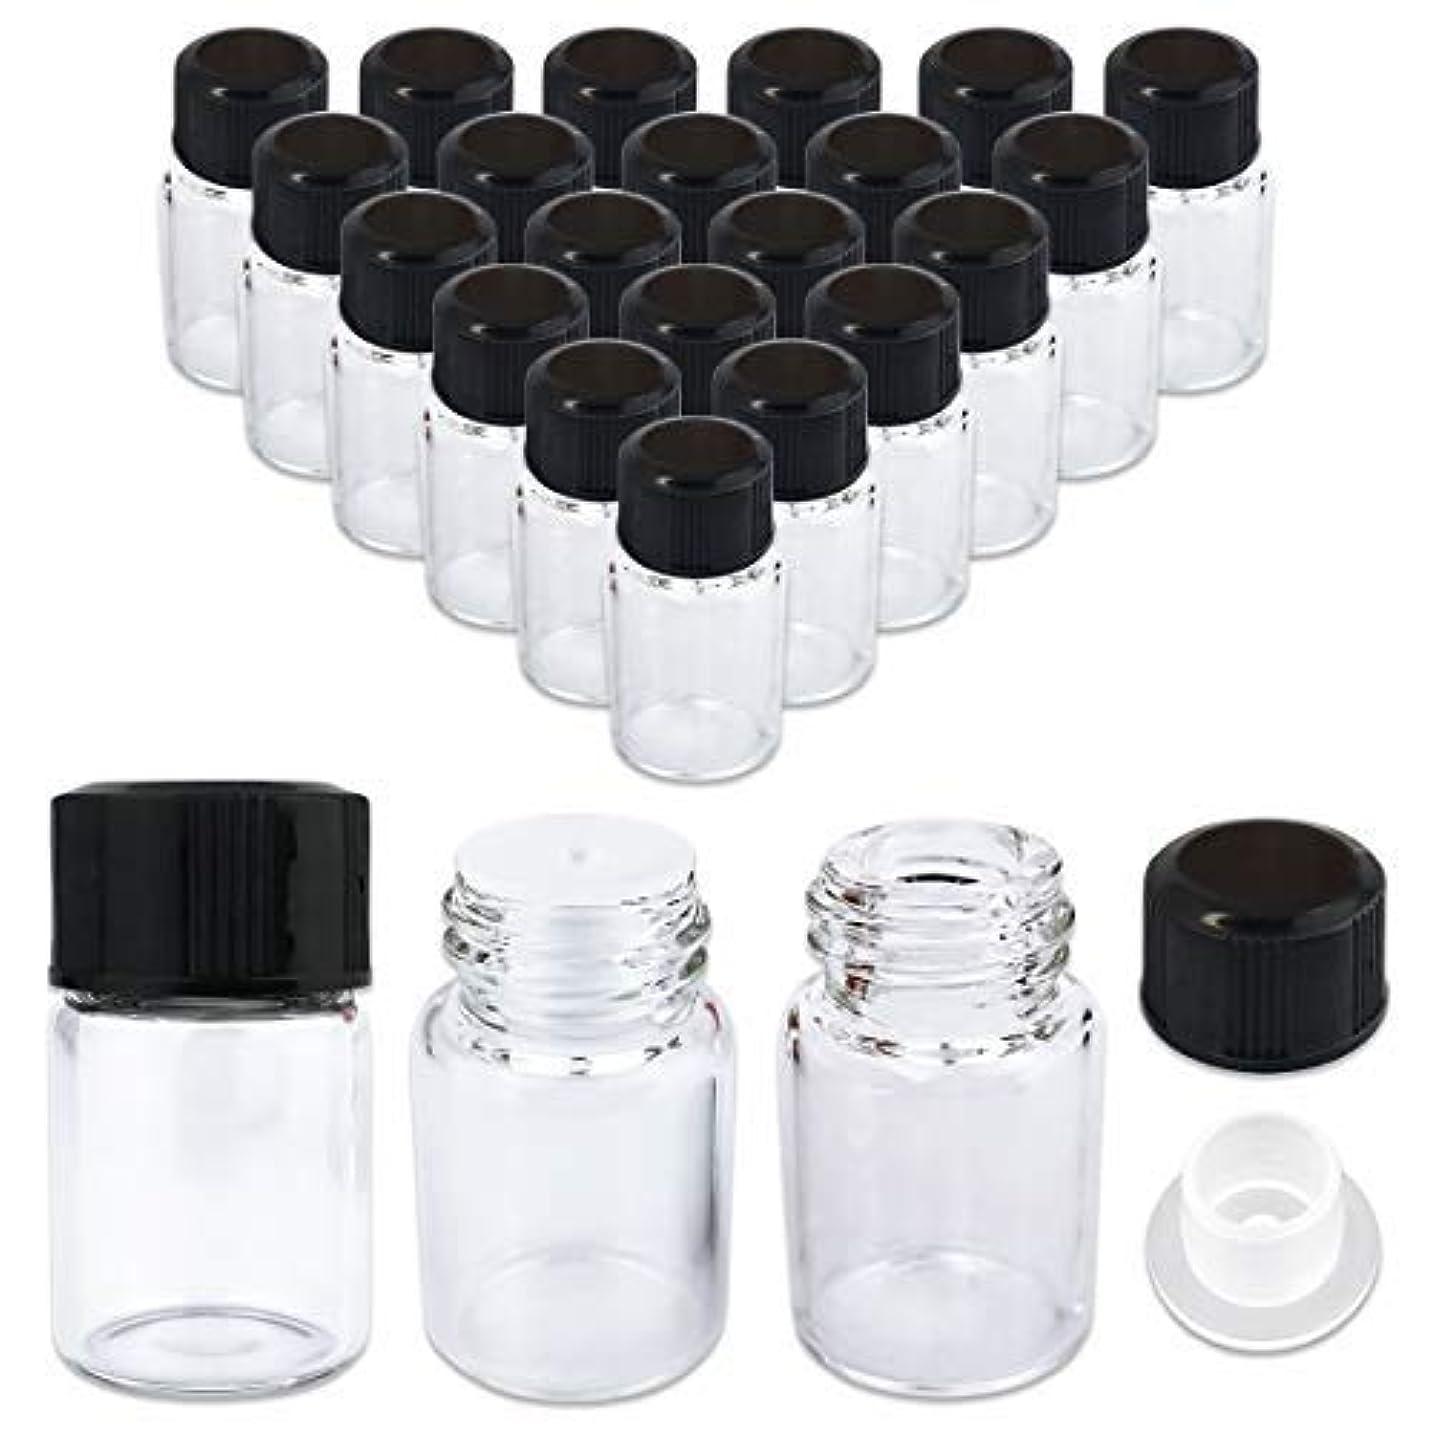 見ましたネット氷24 Packs Beauticom 2ML Clear Glass Vial for Essential Oils, Aromatherapy, Fragrance, Serums, Spritzes, with Orifice...